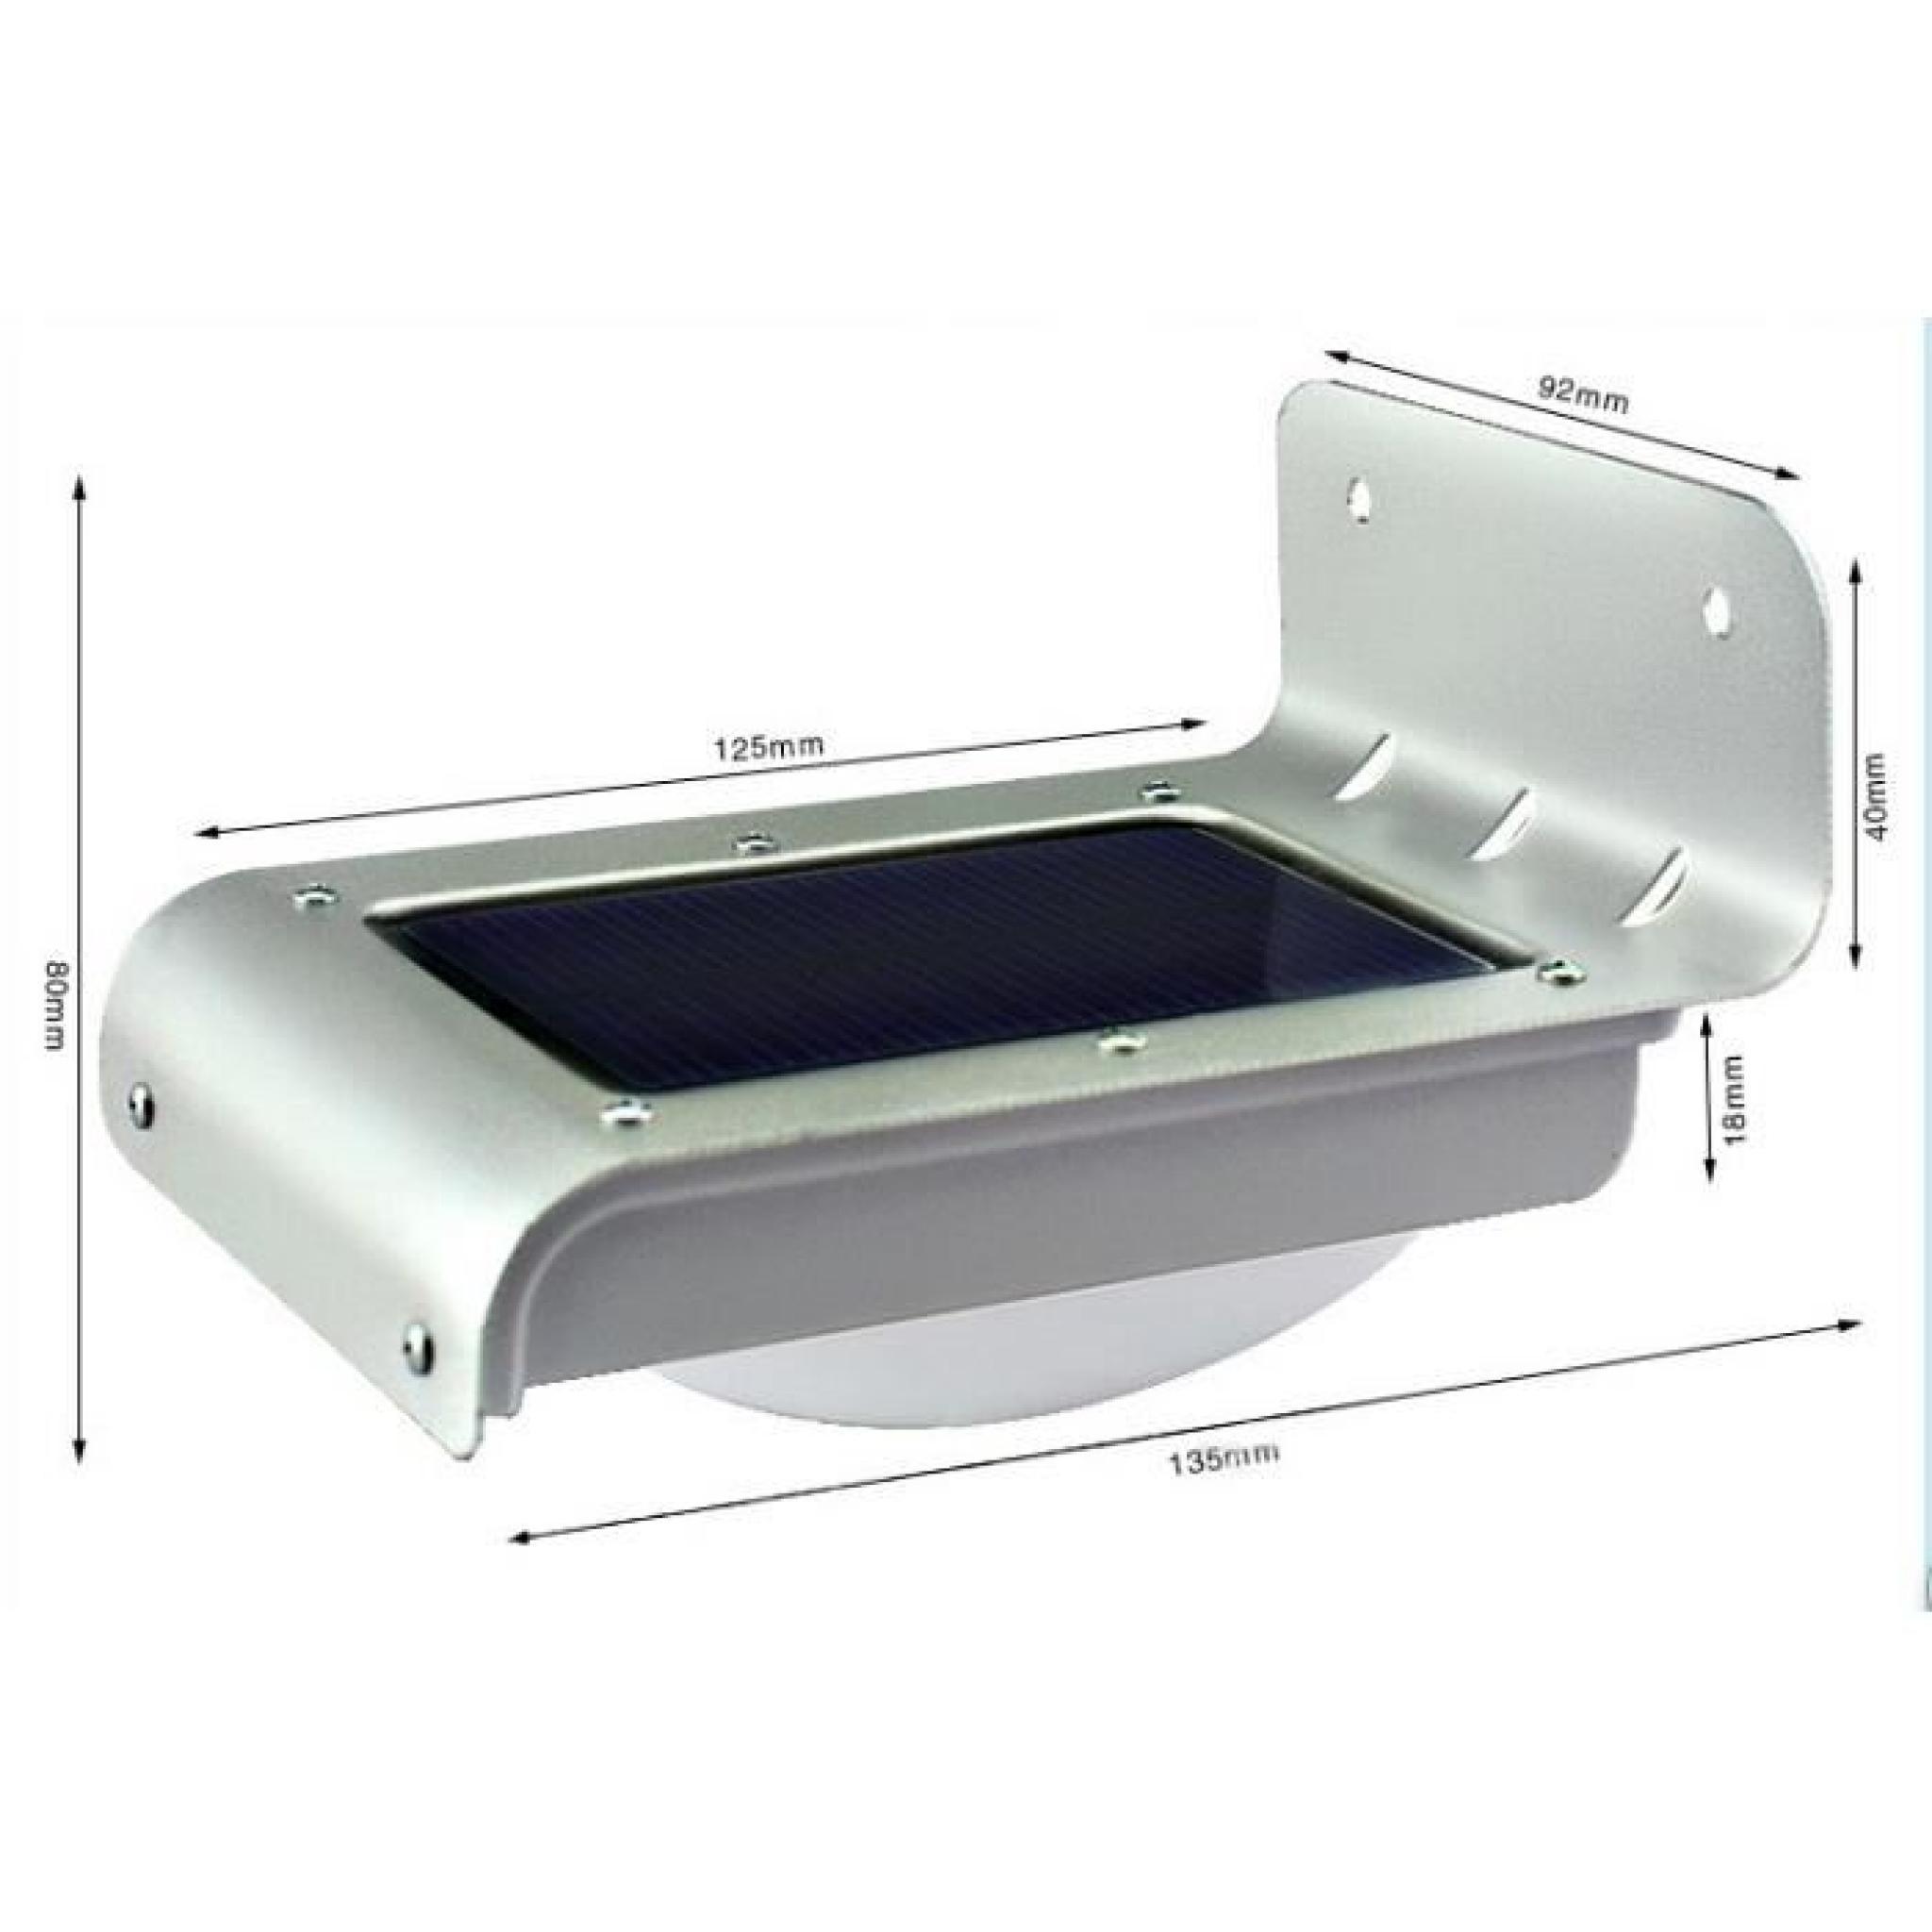 lampe solaire murale d tection de mouvement led achat vente applique murale pas cher. Black Bedroom Furniture Sets. Home Design Ideas